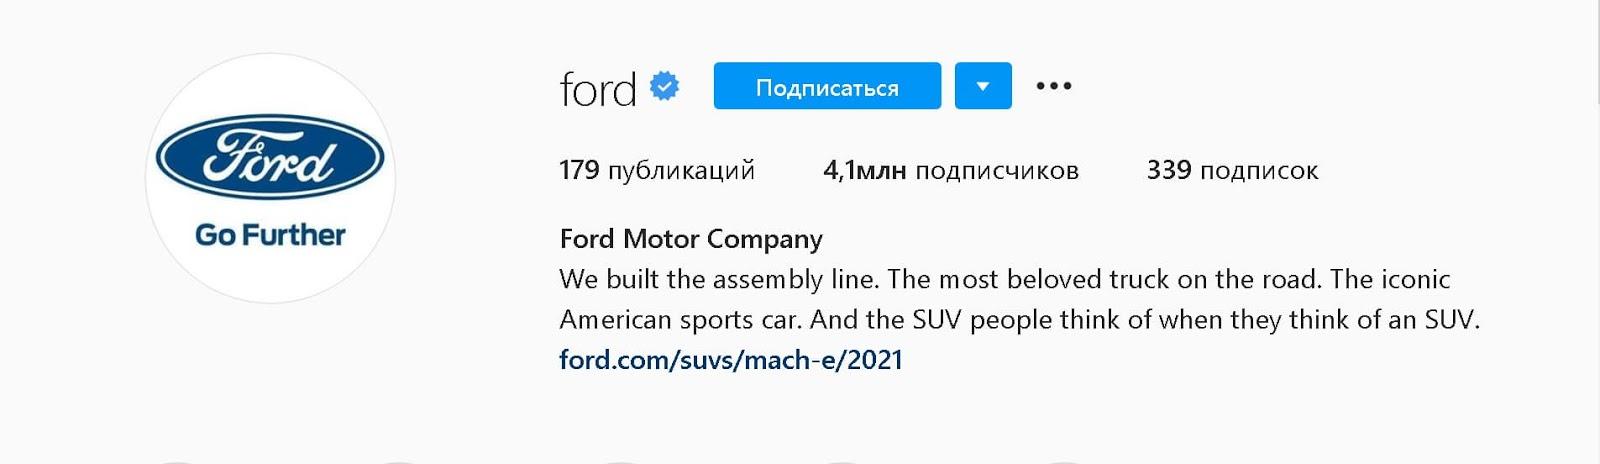 Instagram BIOS Ford Motor Company